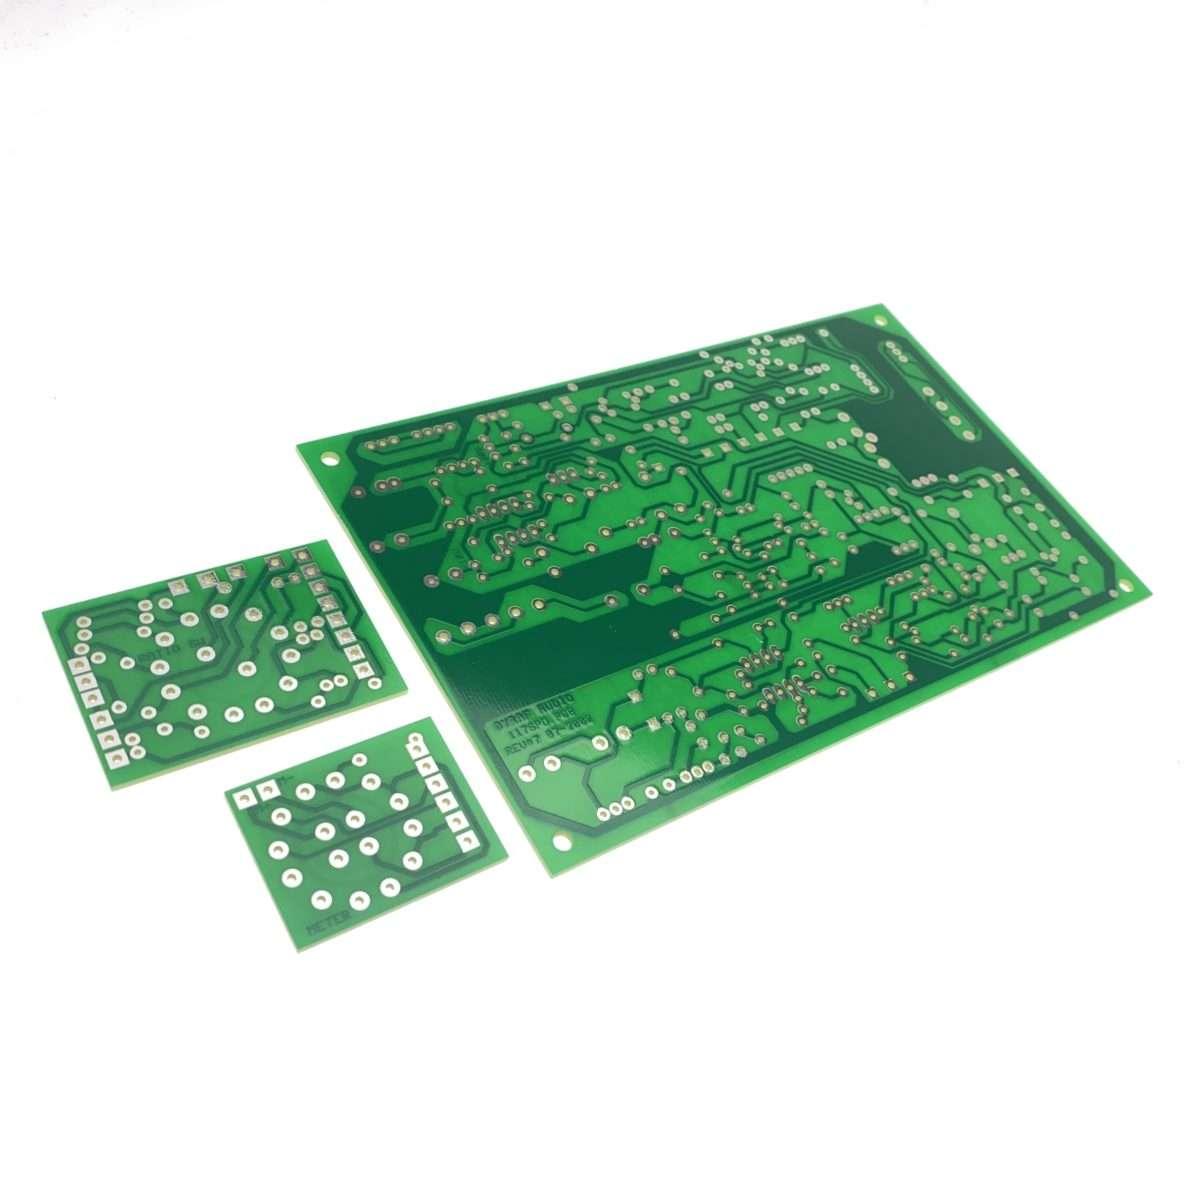 Gyraf 1176 Compressor PCB Set